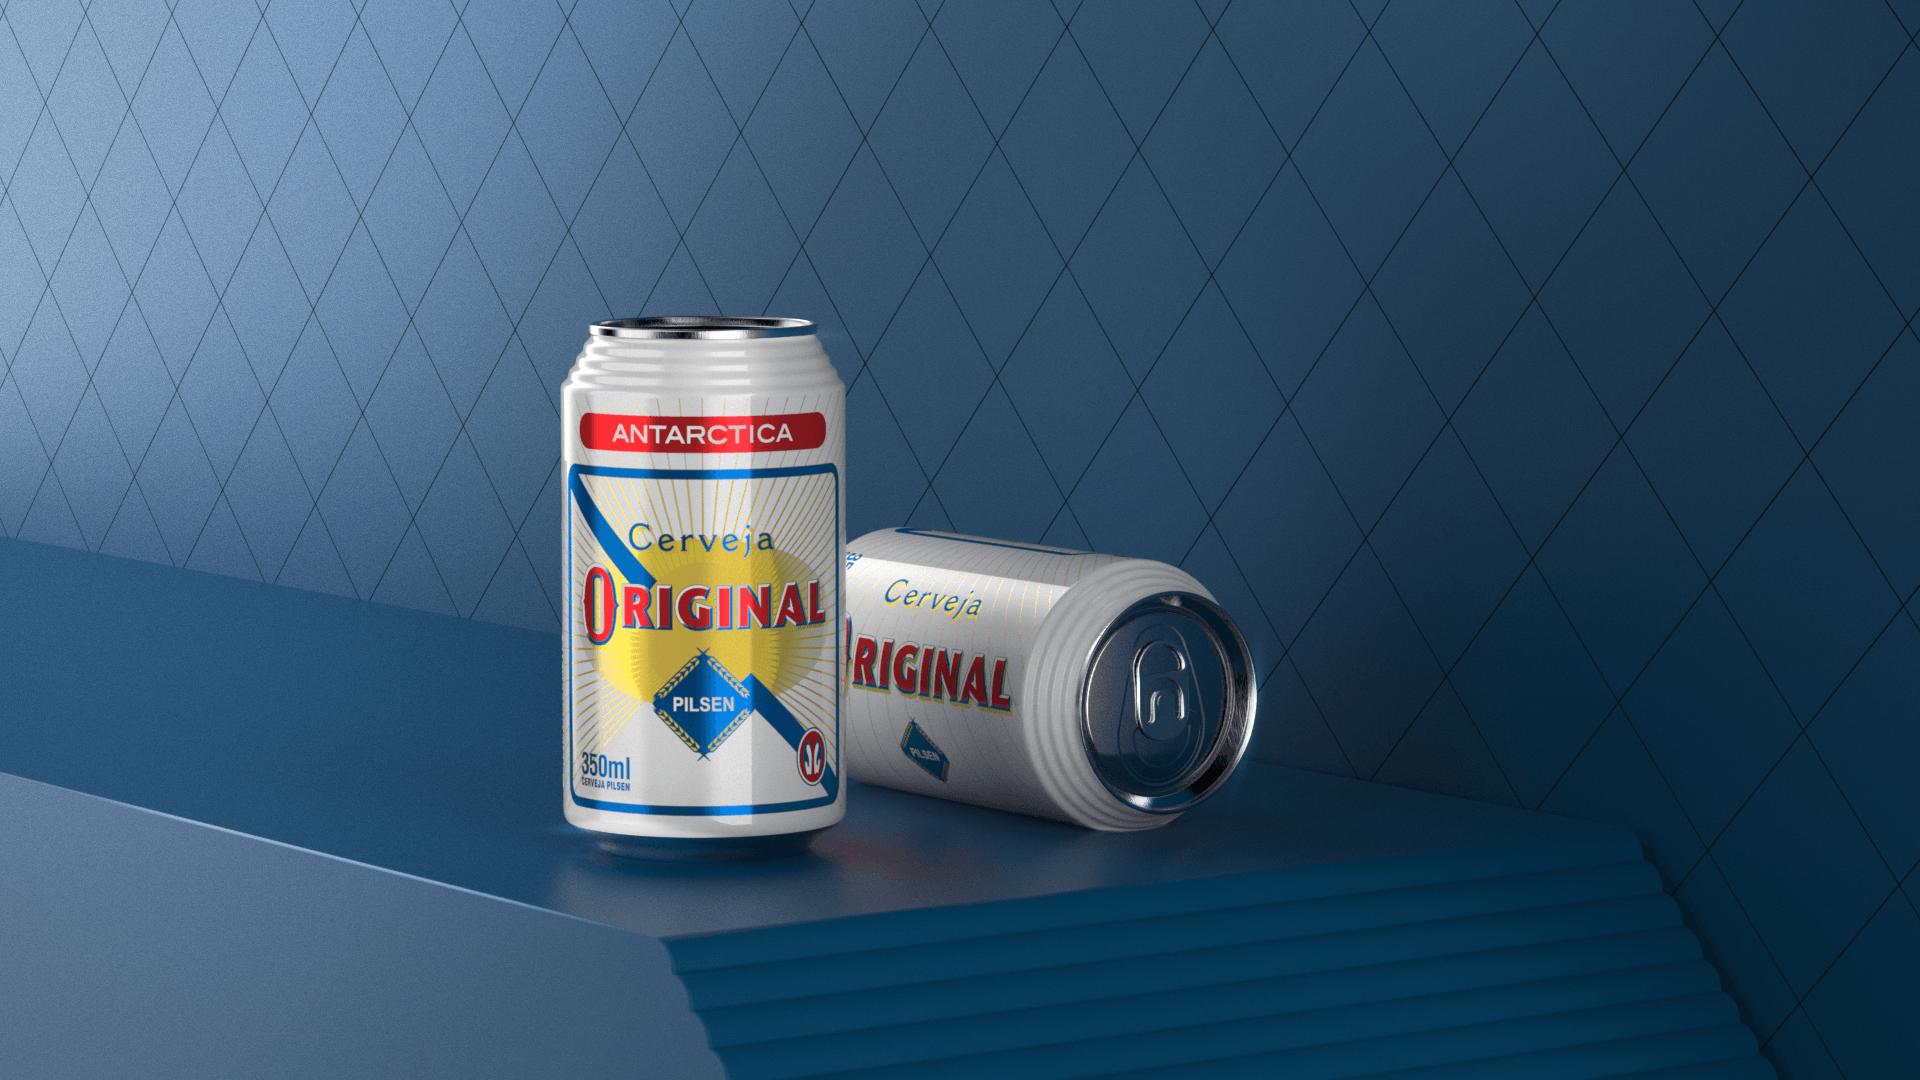 design de lata cerveja original